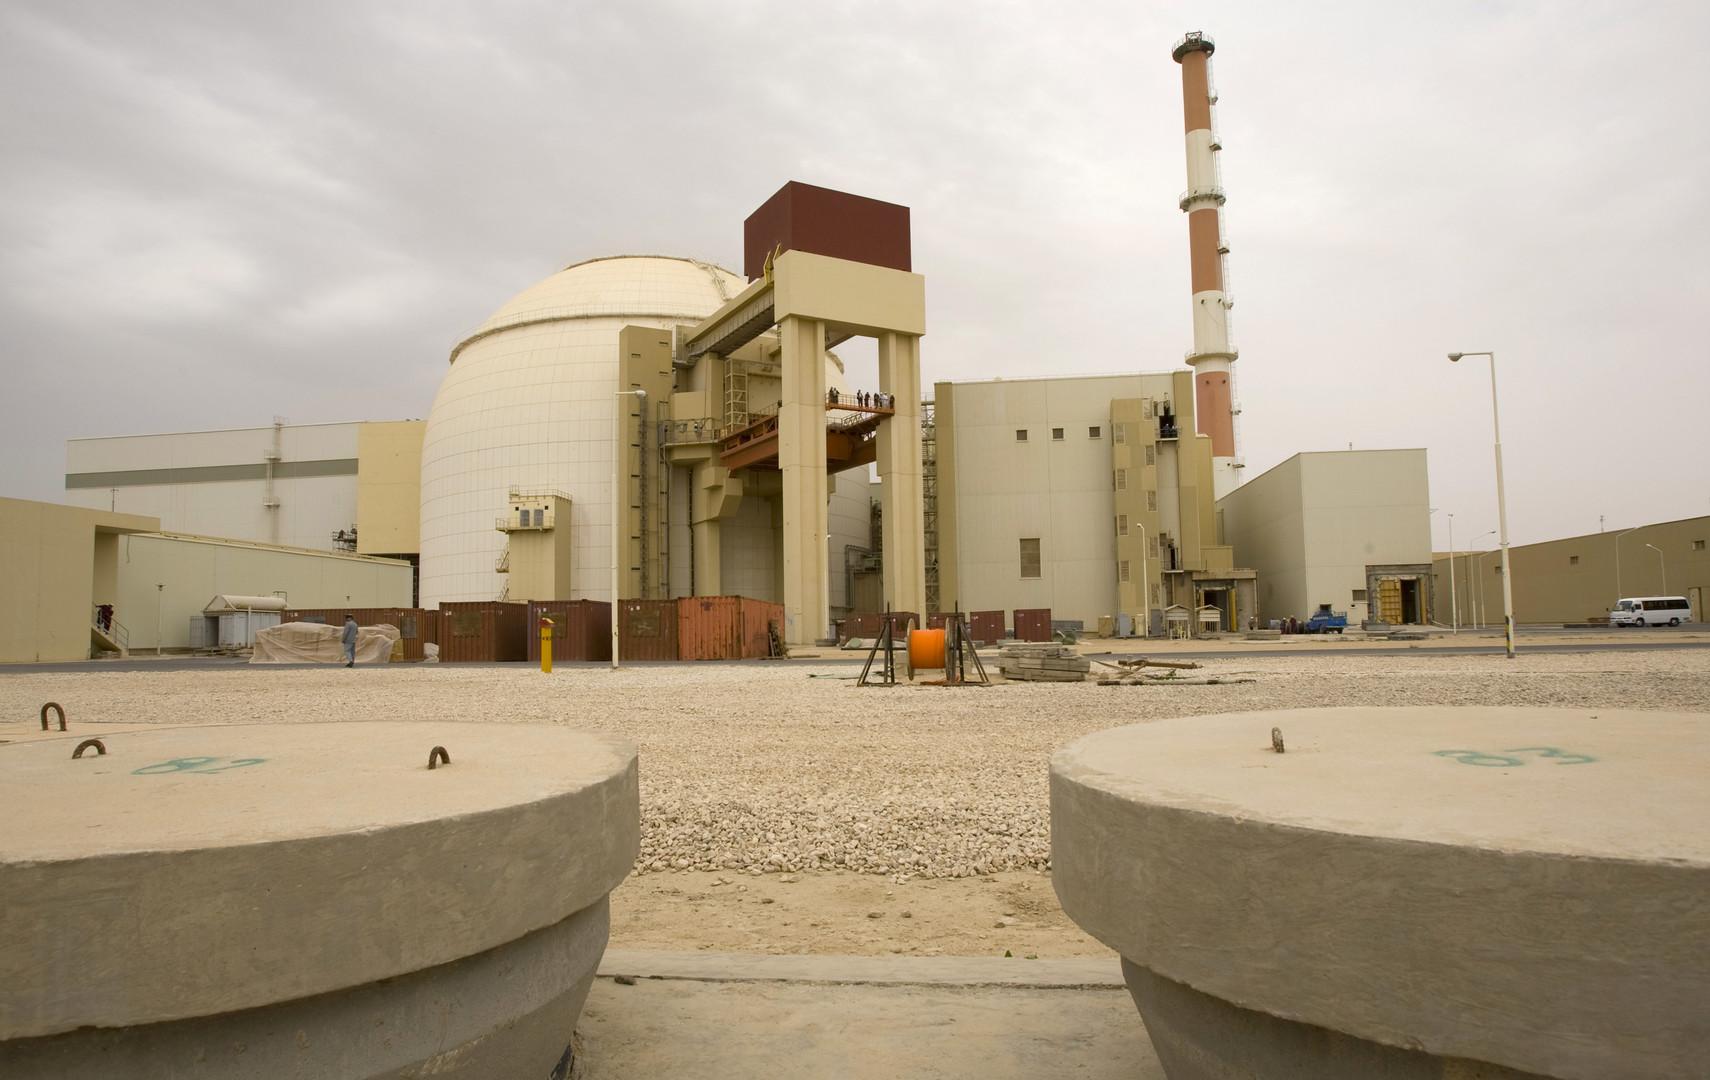 إيران لن تمدد مهلة الـ60 يوما التي منحتها للاتحاد الأوروبي لخفض التزامها بالاتفاق النووي